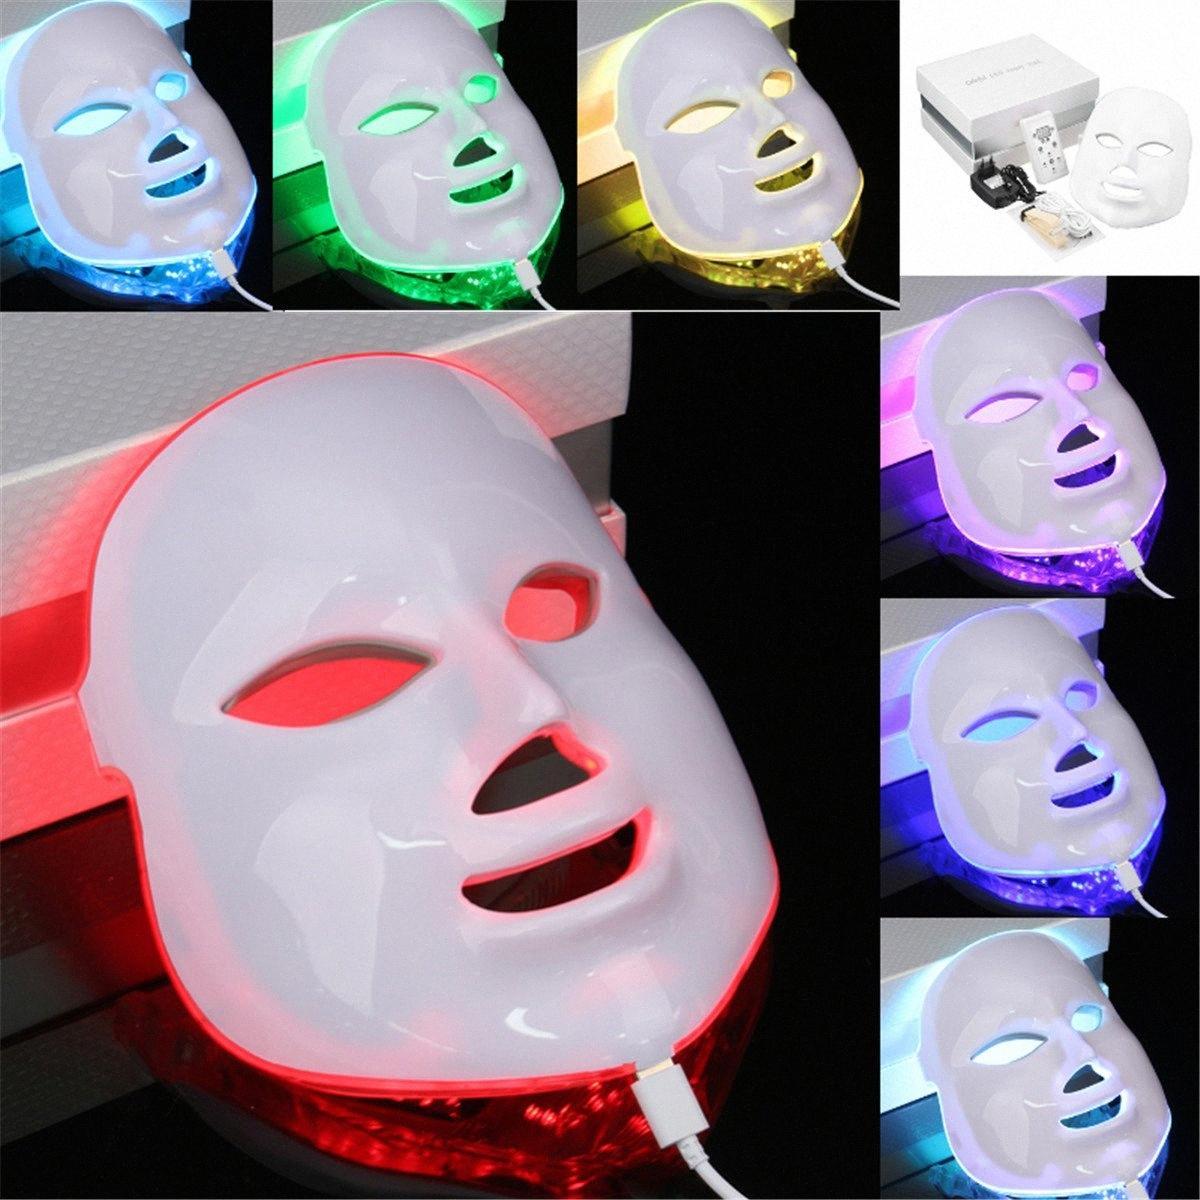 De 7 colores de luz LED de fotones sistema de terapia de la piel Máscara facial cuidado de la belleza de la cara LED máscara de la piel cuidado de la belleza Máscara # vr4K